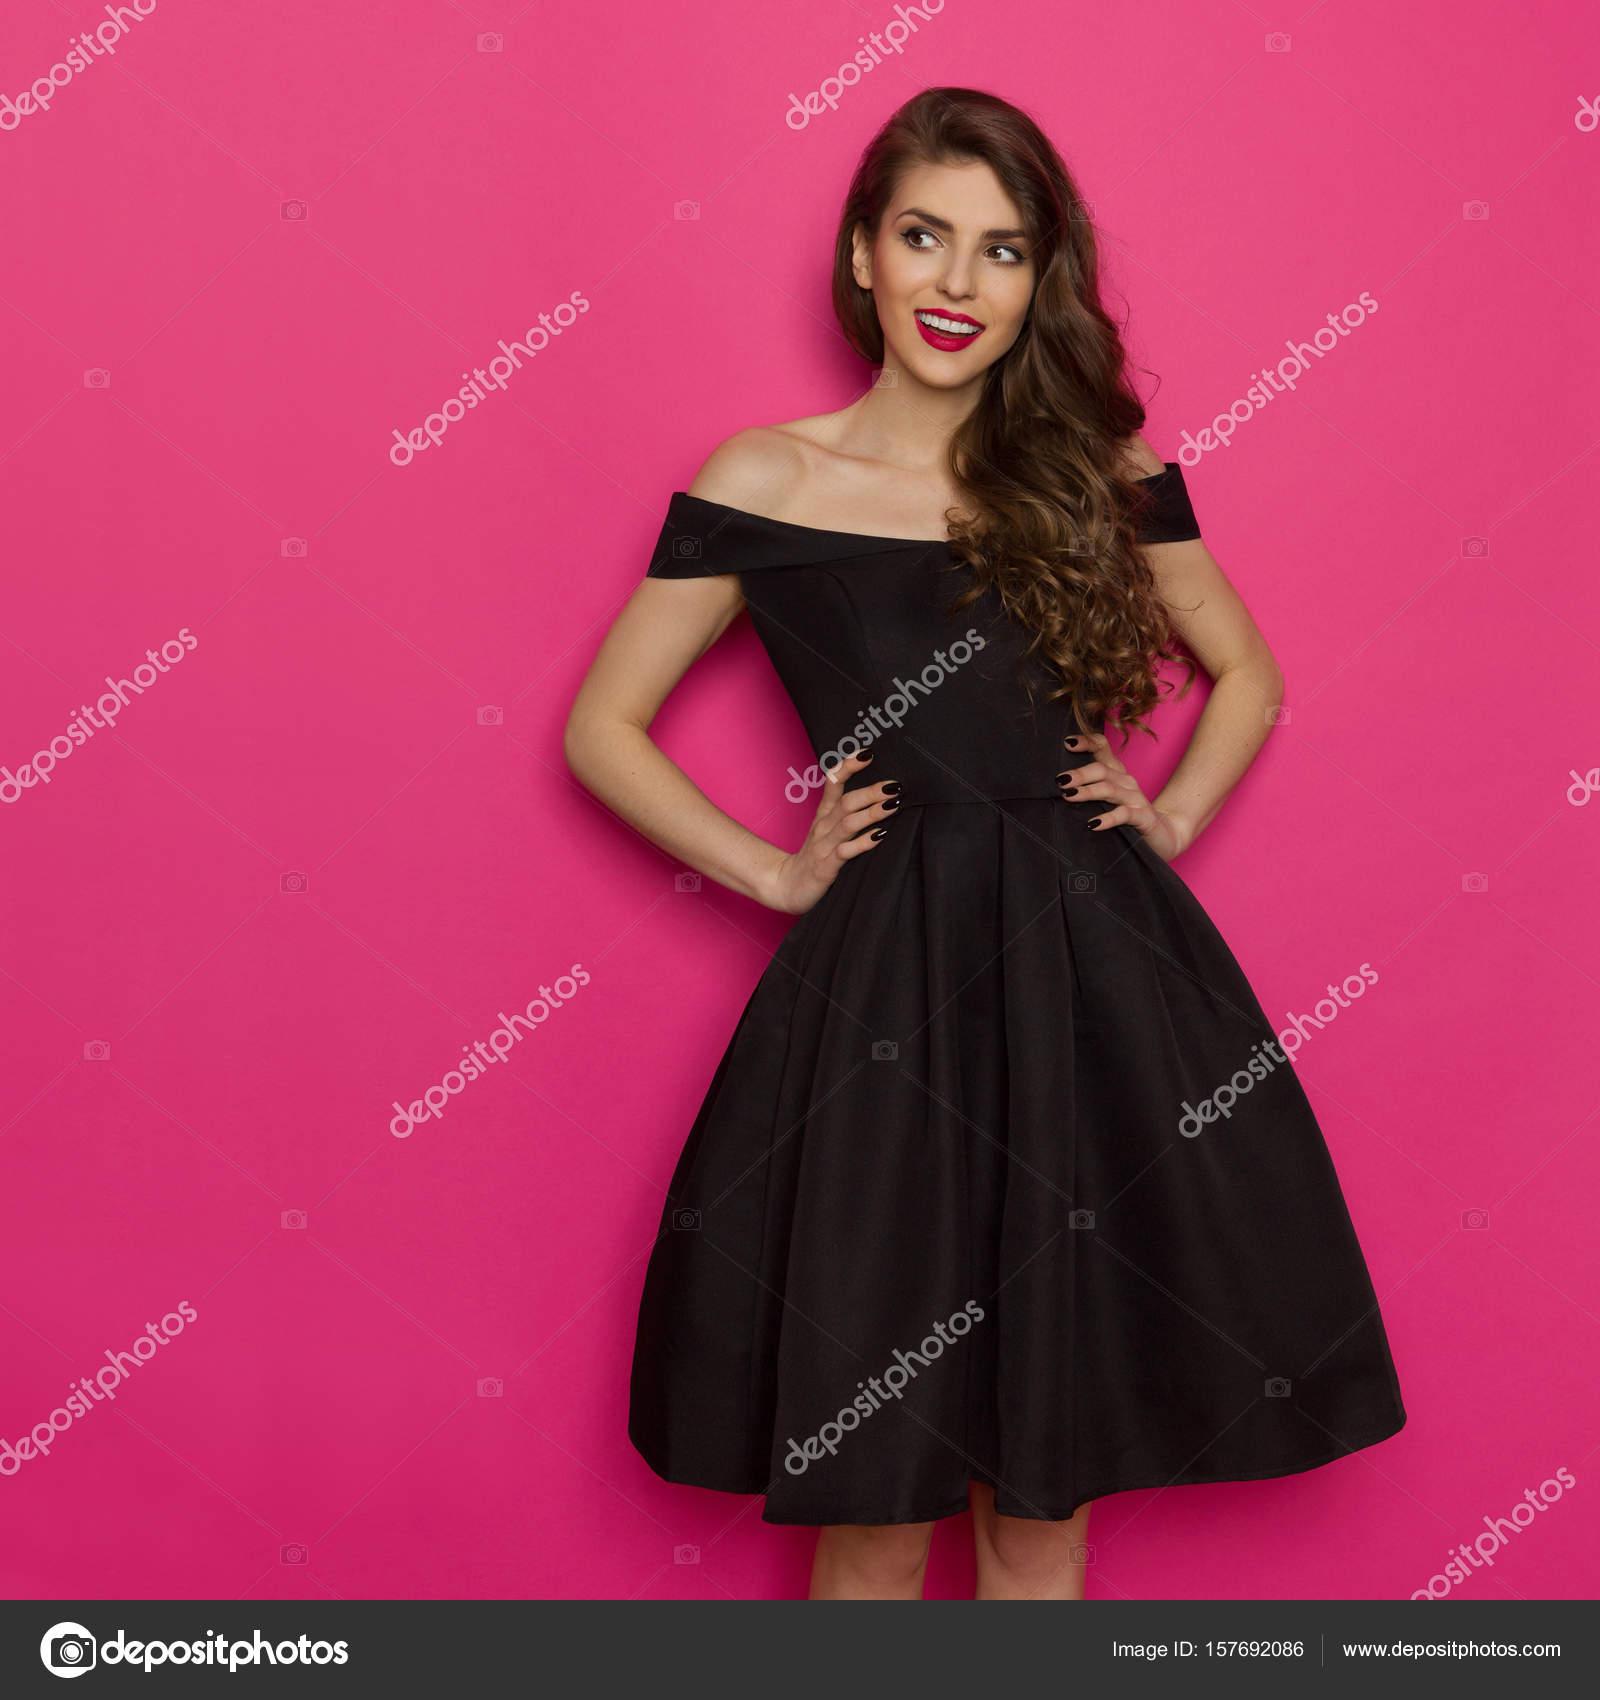 e55956fe5cc Belle jeune femme en robe de cocktail noire élégante est main dans la main  sur la hanche et à la recherche de suite. Trois quarts studio longueur  tourné sur ...